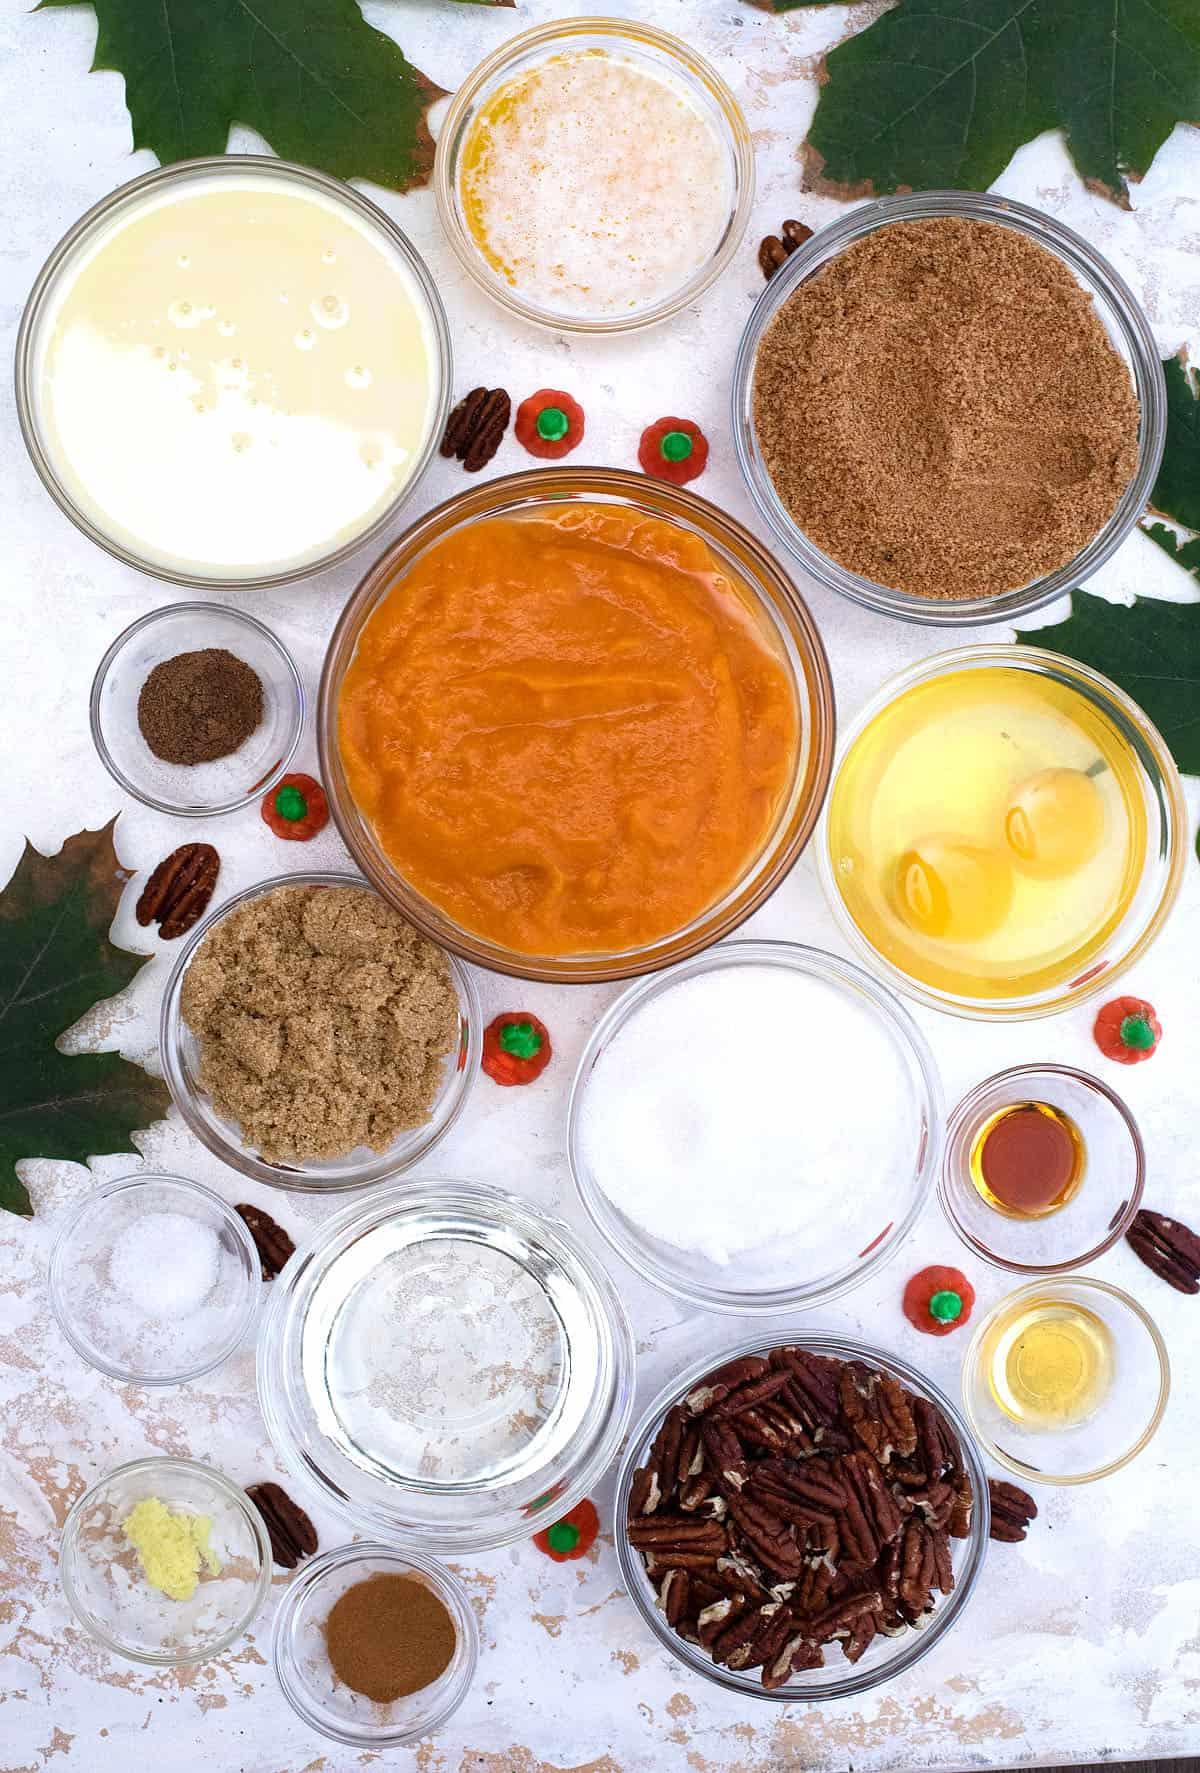 Pumpkin Pecan Pie ingredients on white marbled table.